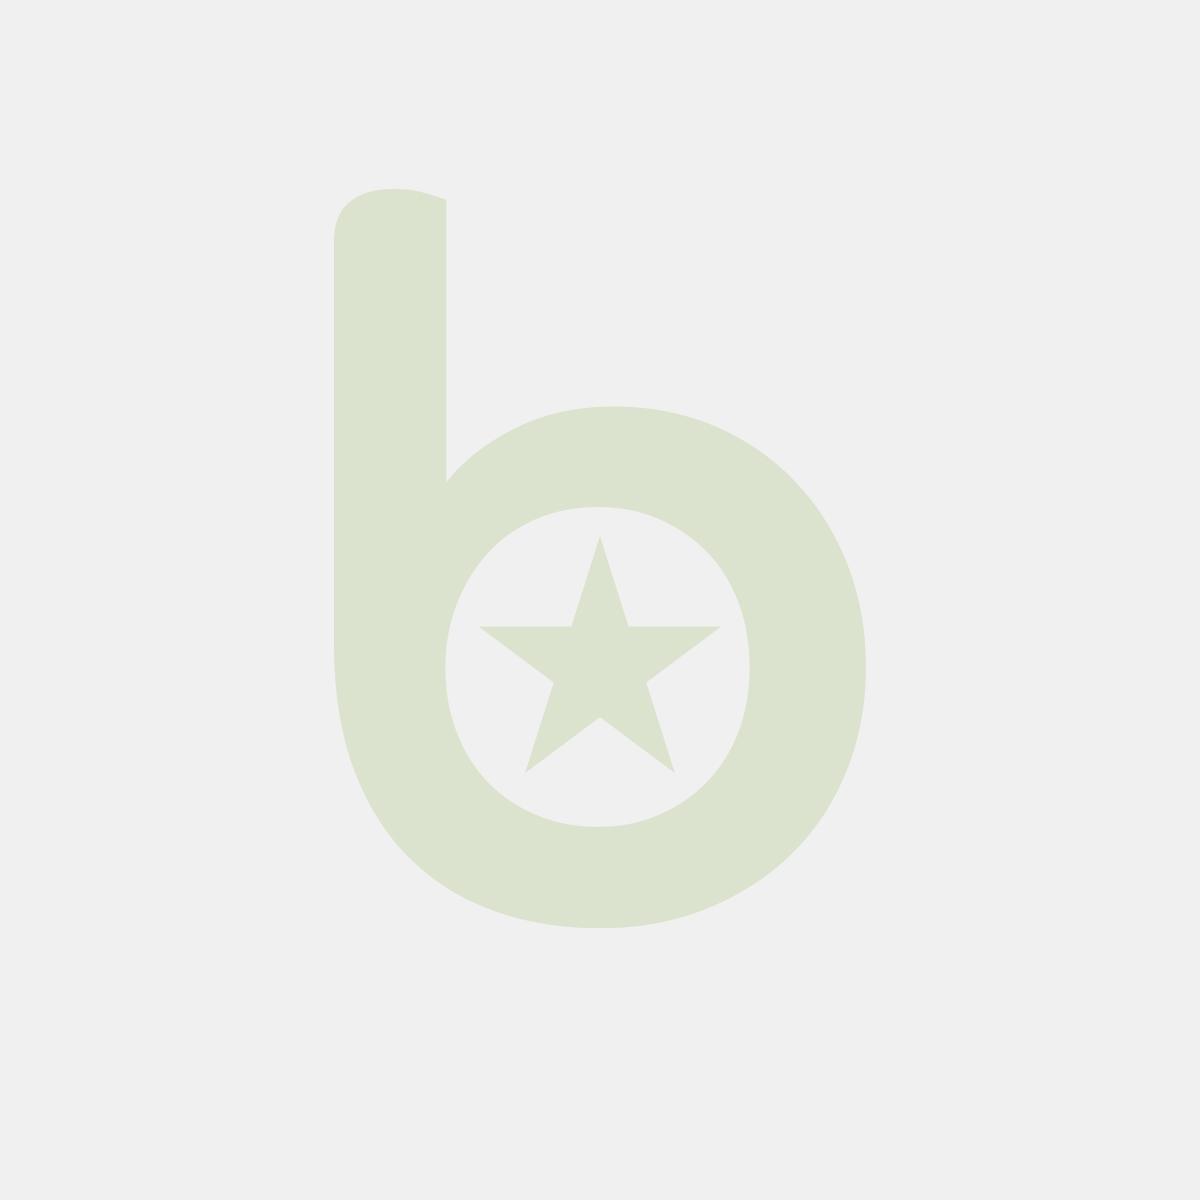 Stand bufetowy CUBO bambus czarny zestaw 3 sztuki 13x13x13; 18x18x18; 23x23x23